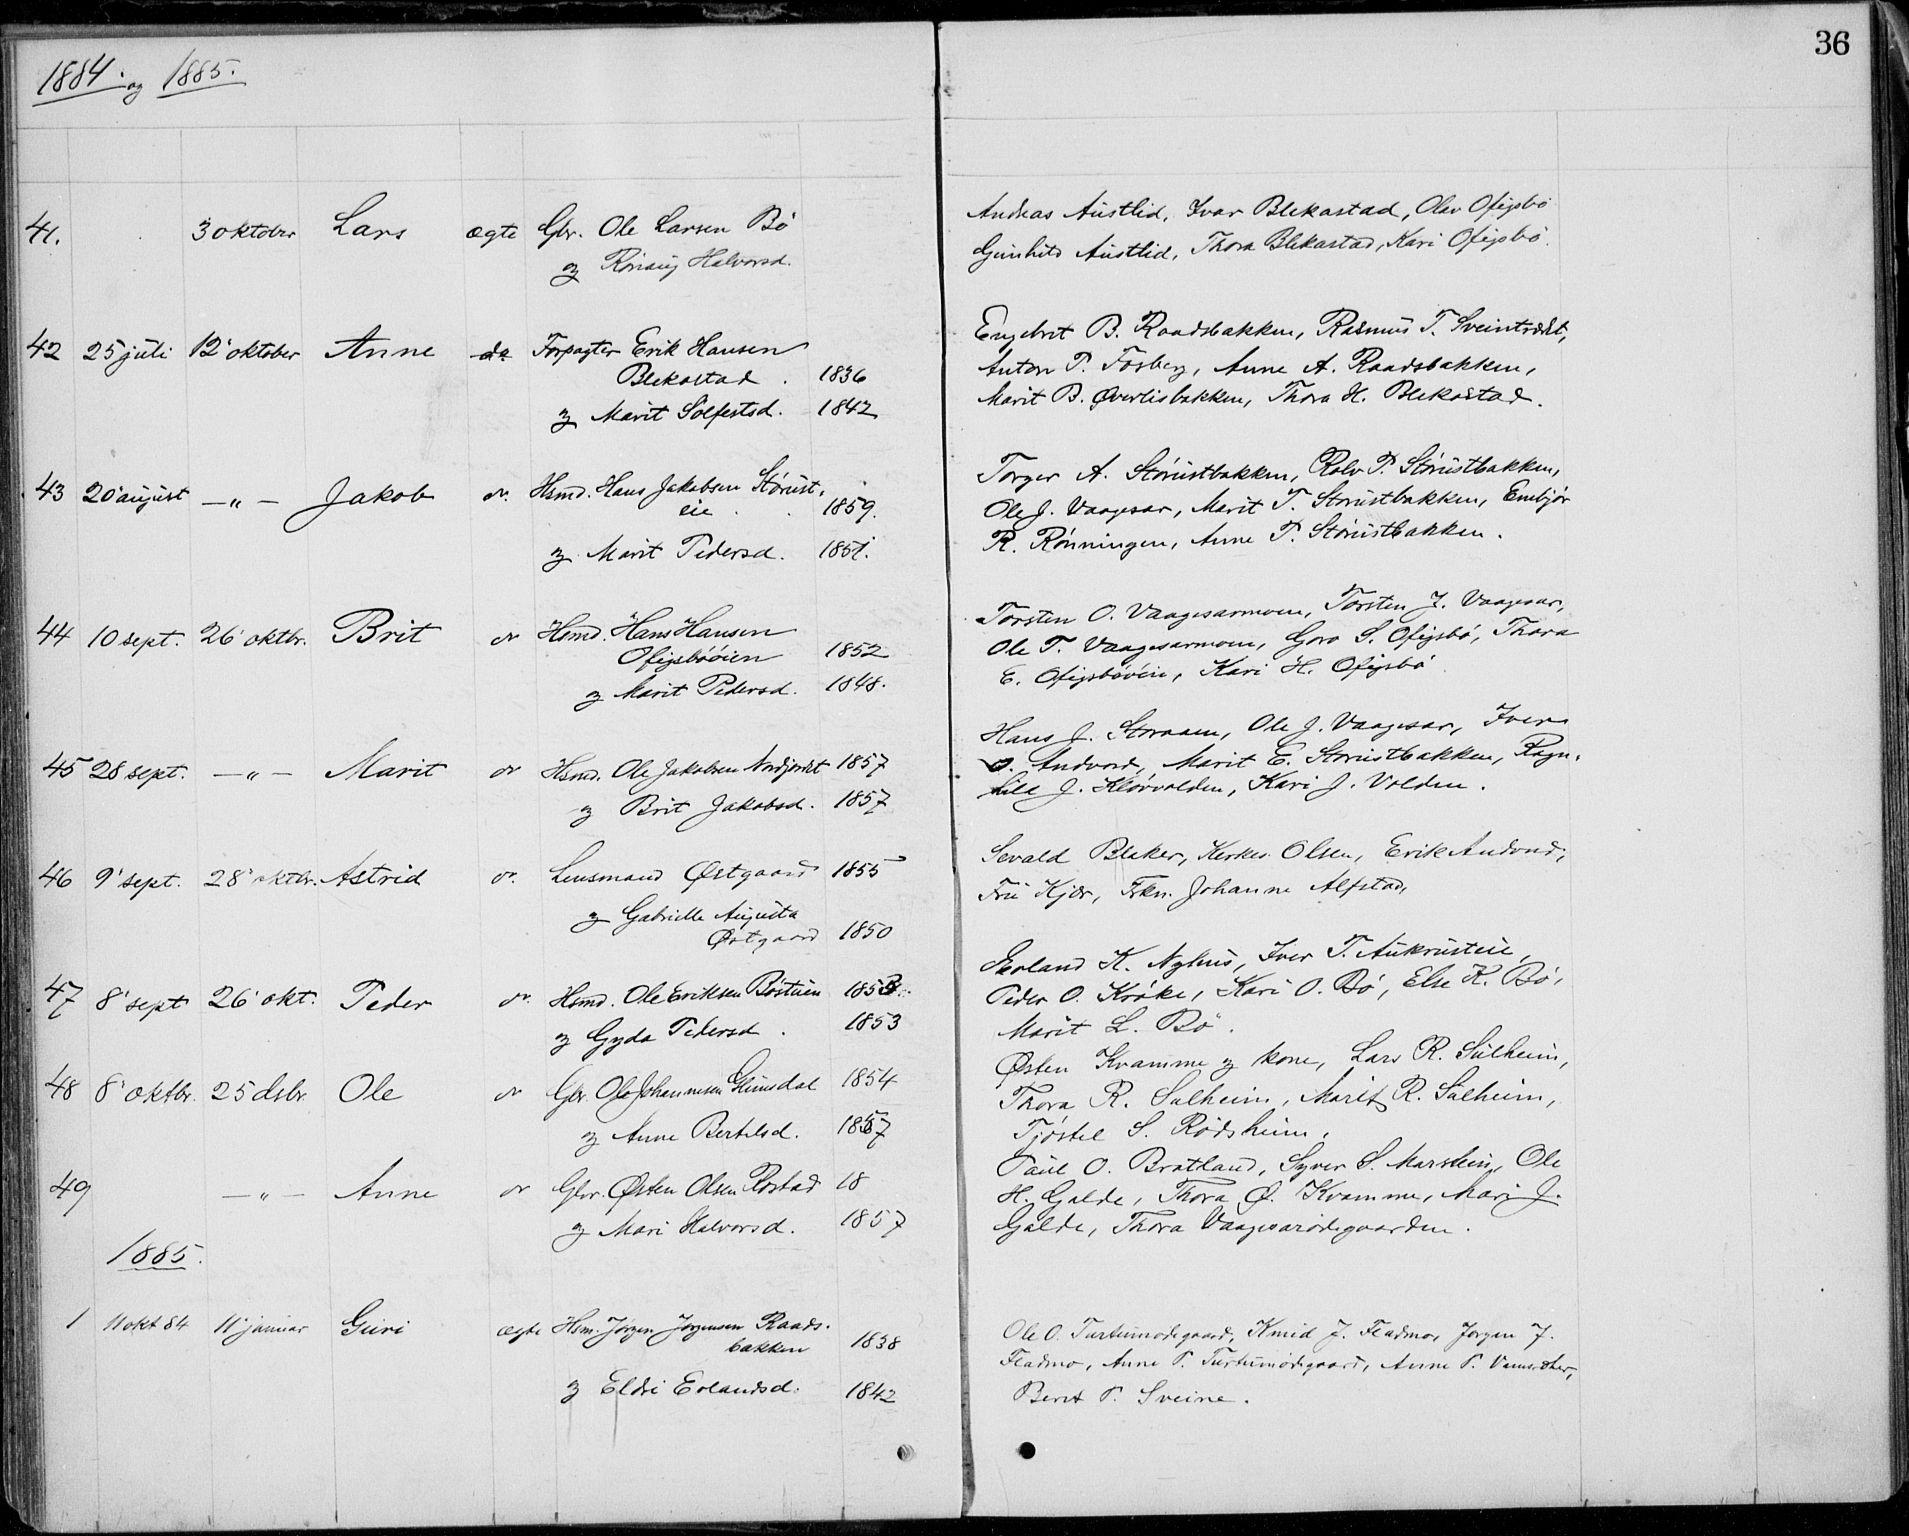 SAH, Lom prestekontor, L/L0013: Klokkerbok nr. 13, 1874-1938, s. 36